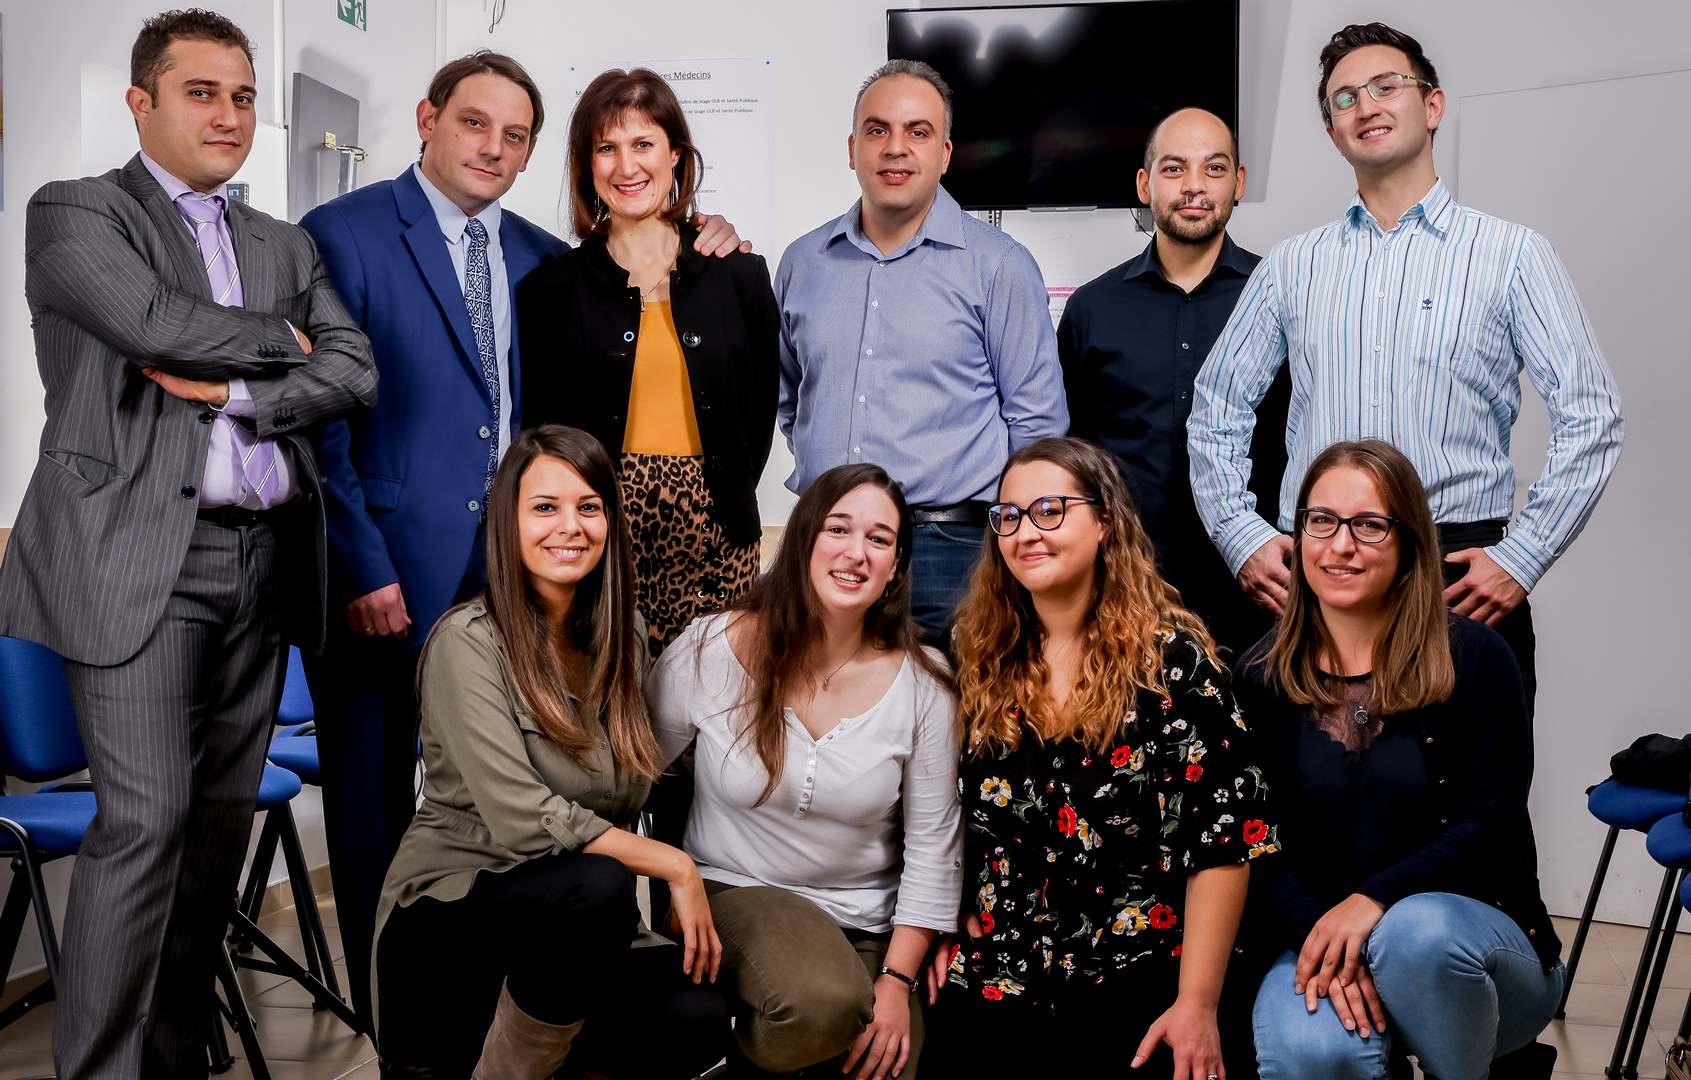 Équipe de médecins et secrétaires de BEVA Médical